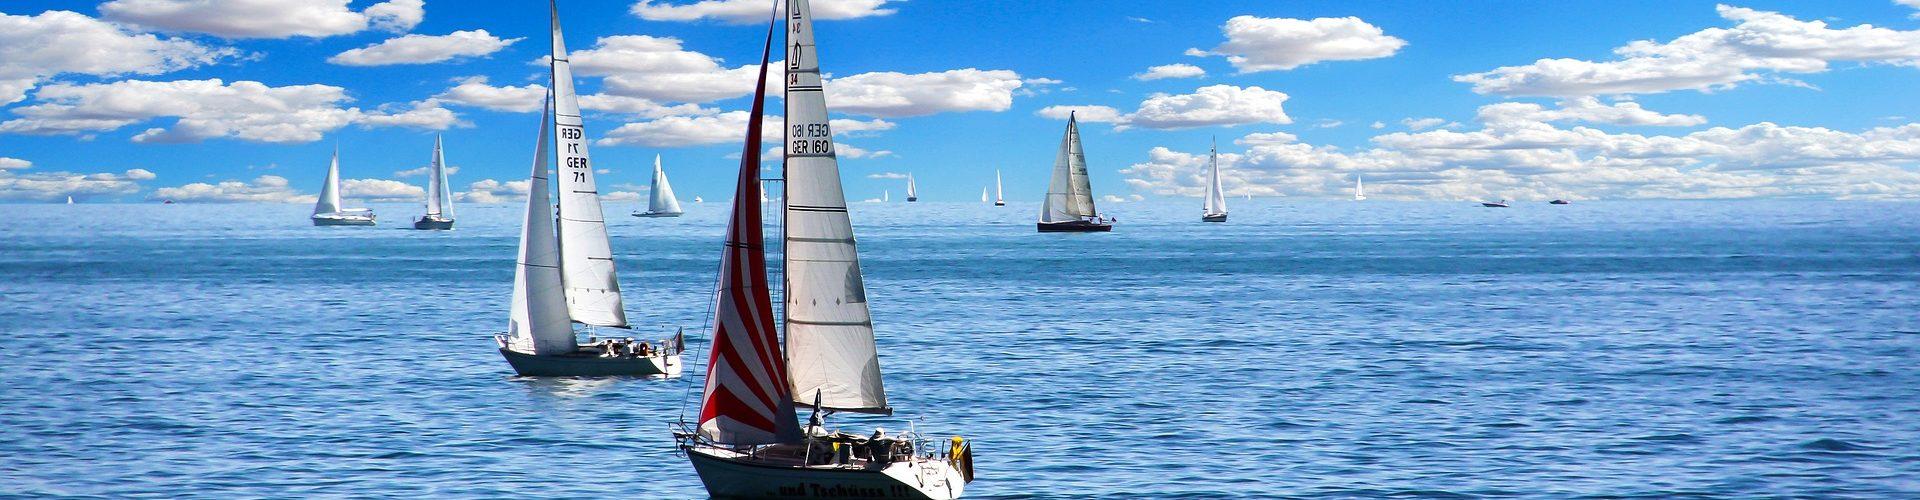 segeln lernen in Dasing segelschein machen in Dasing 1920x500 - Segeln lernen in Dasing